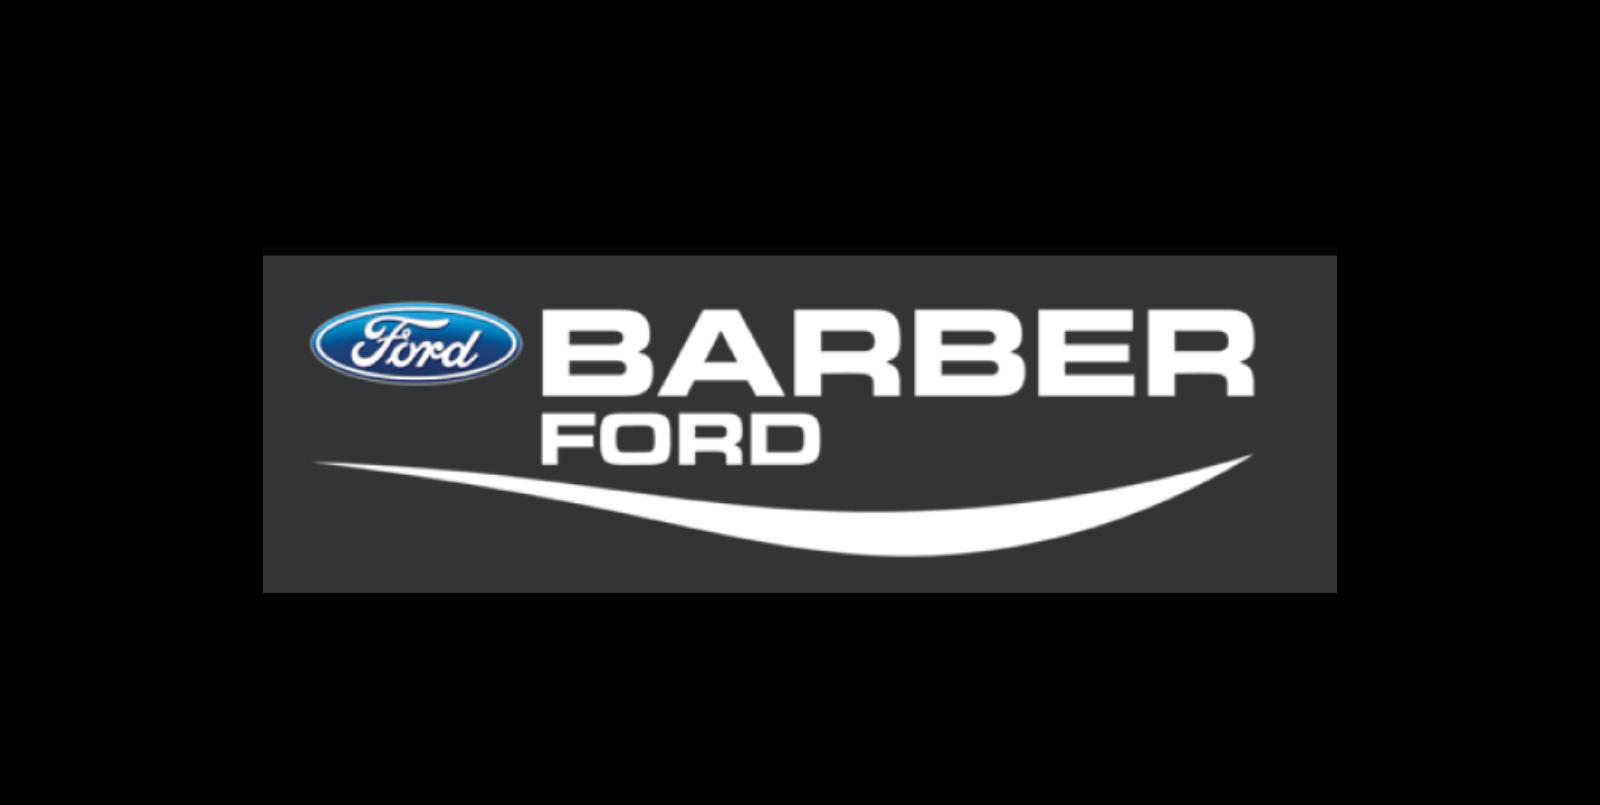 barberford